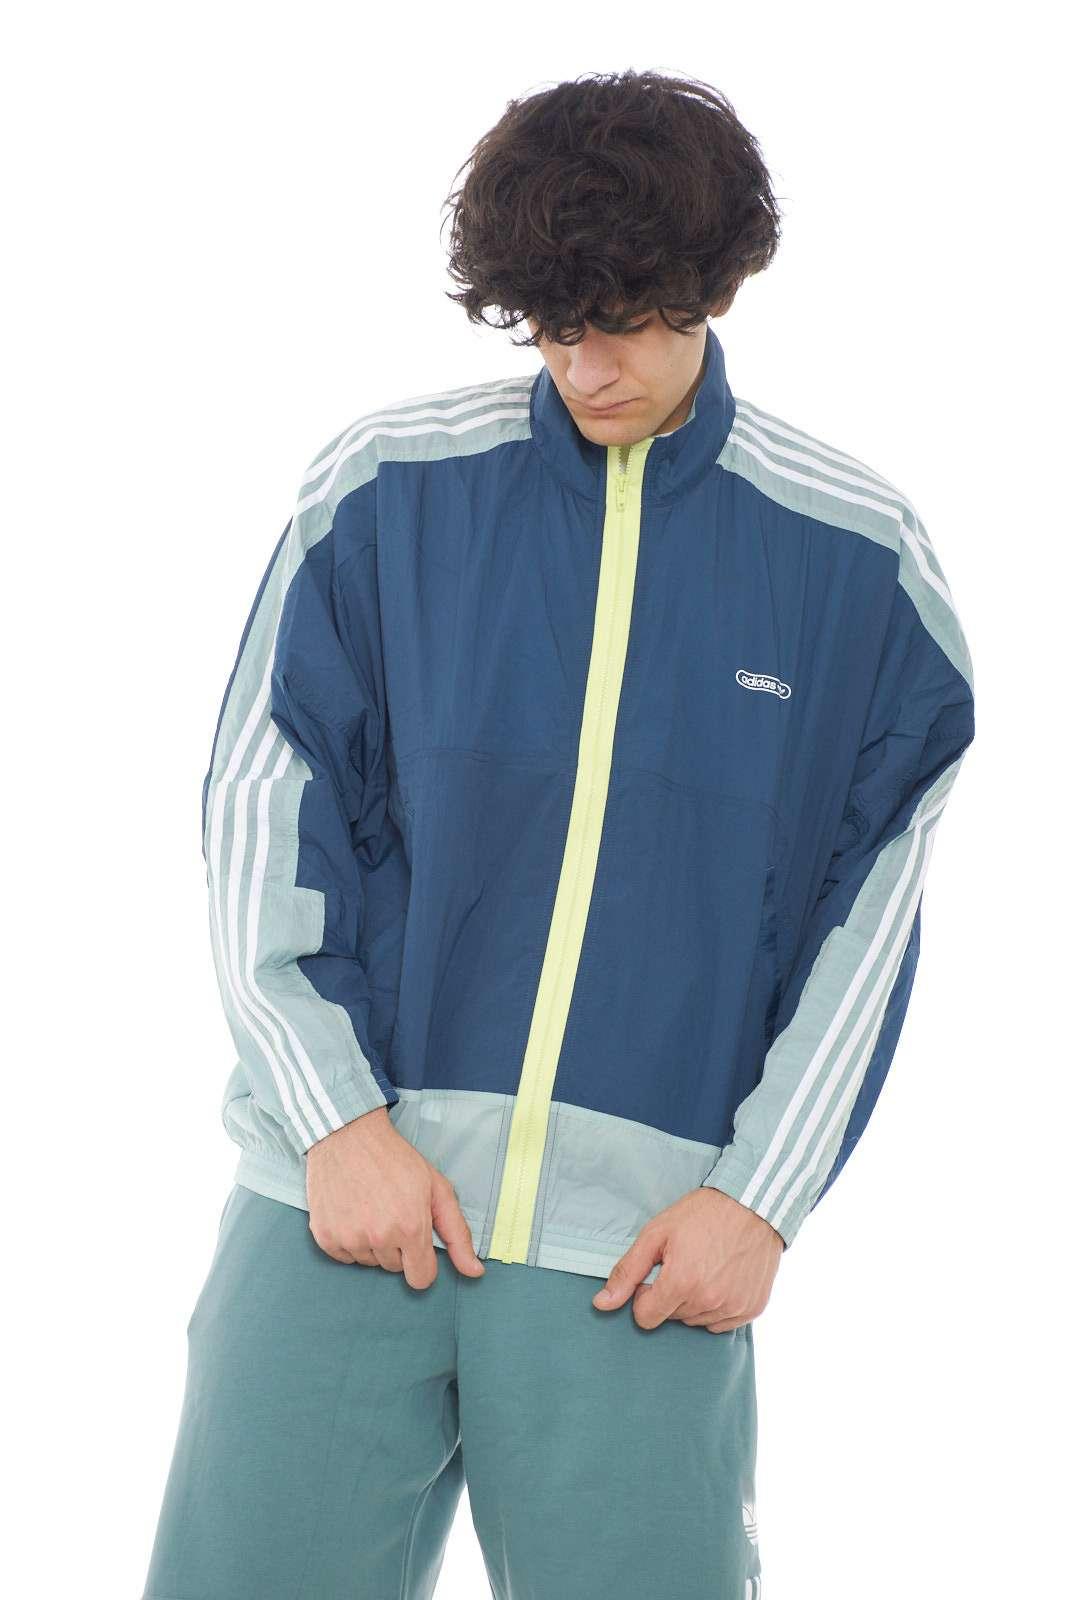 Una giacca all'avanguardia, per l'uomo che ama capi mai banali, il modello LIGHTWEIGHT proposto da Adidas per la tua primavera estate. Perfetta per le occasioni più casual, la routine, ma anche le attività sportive.